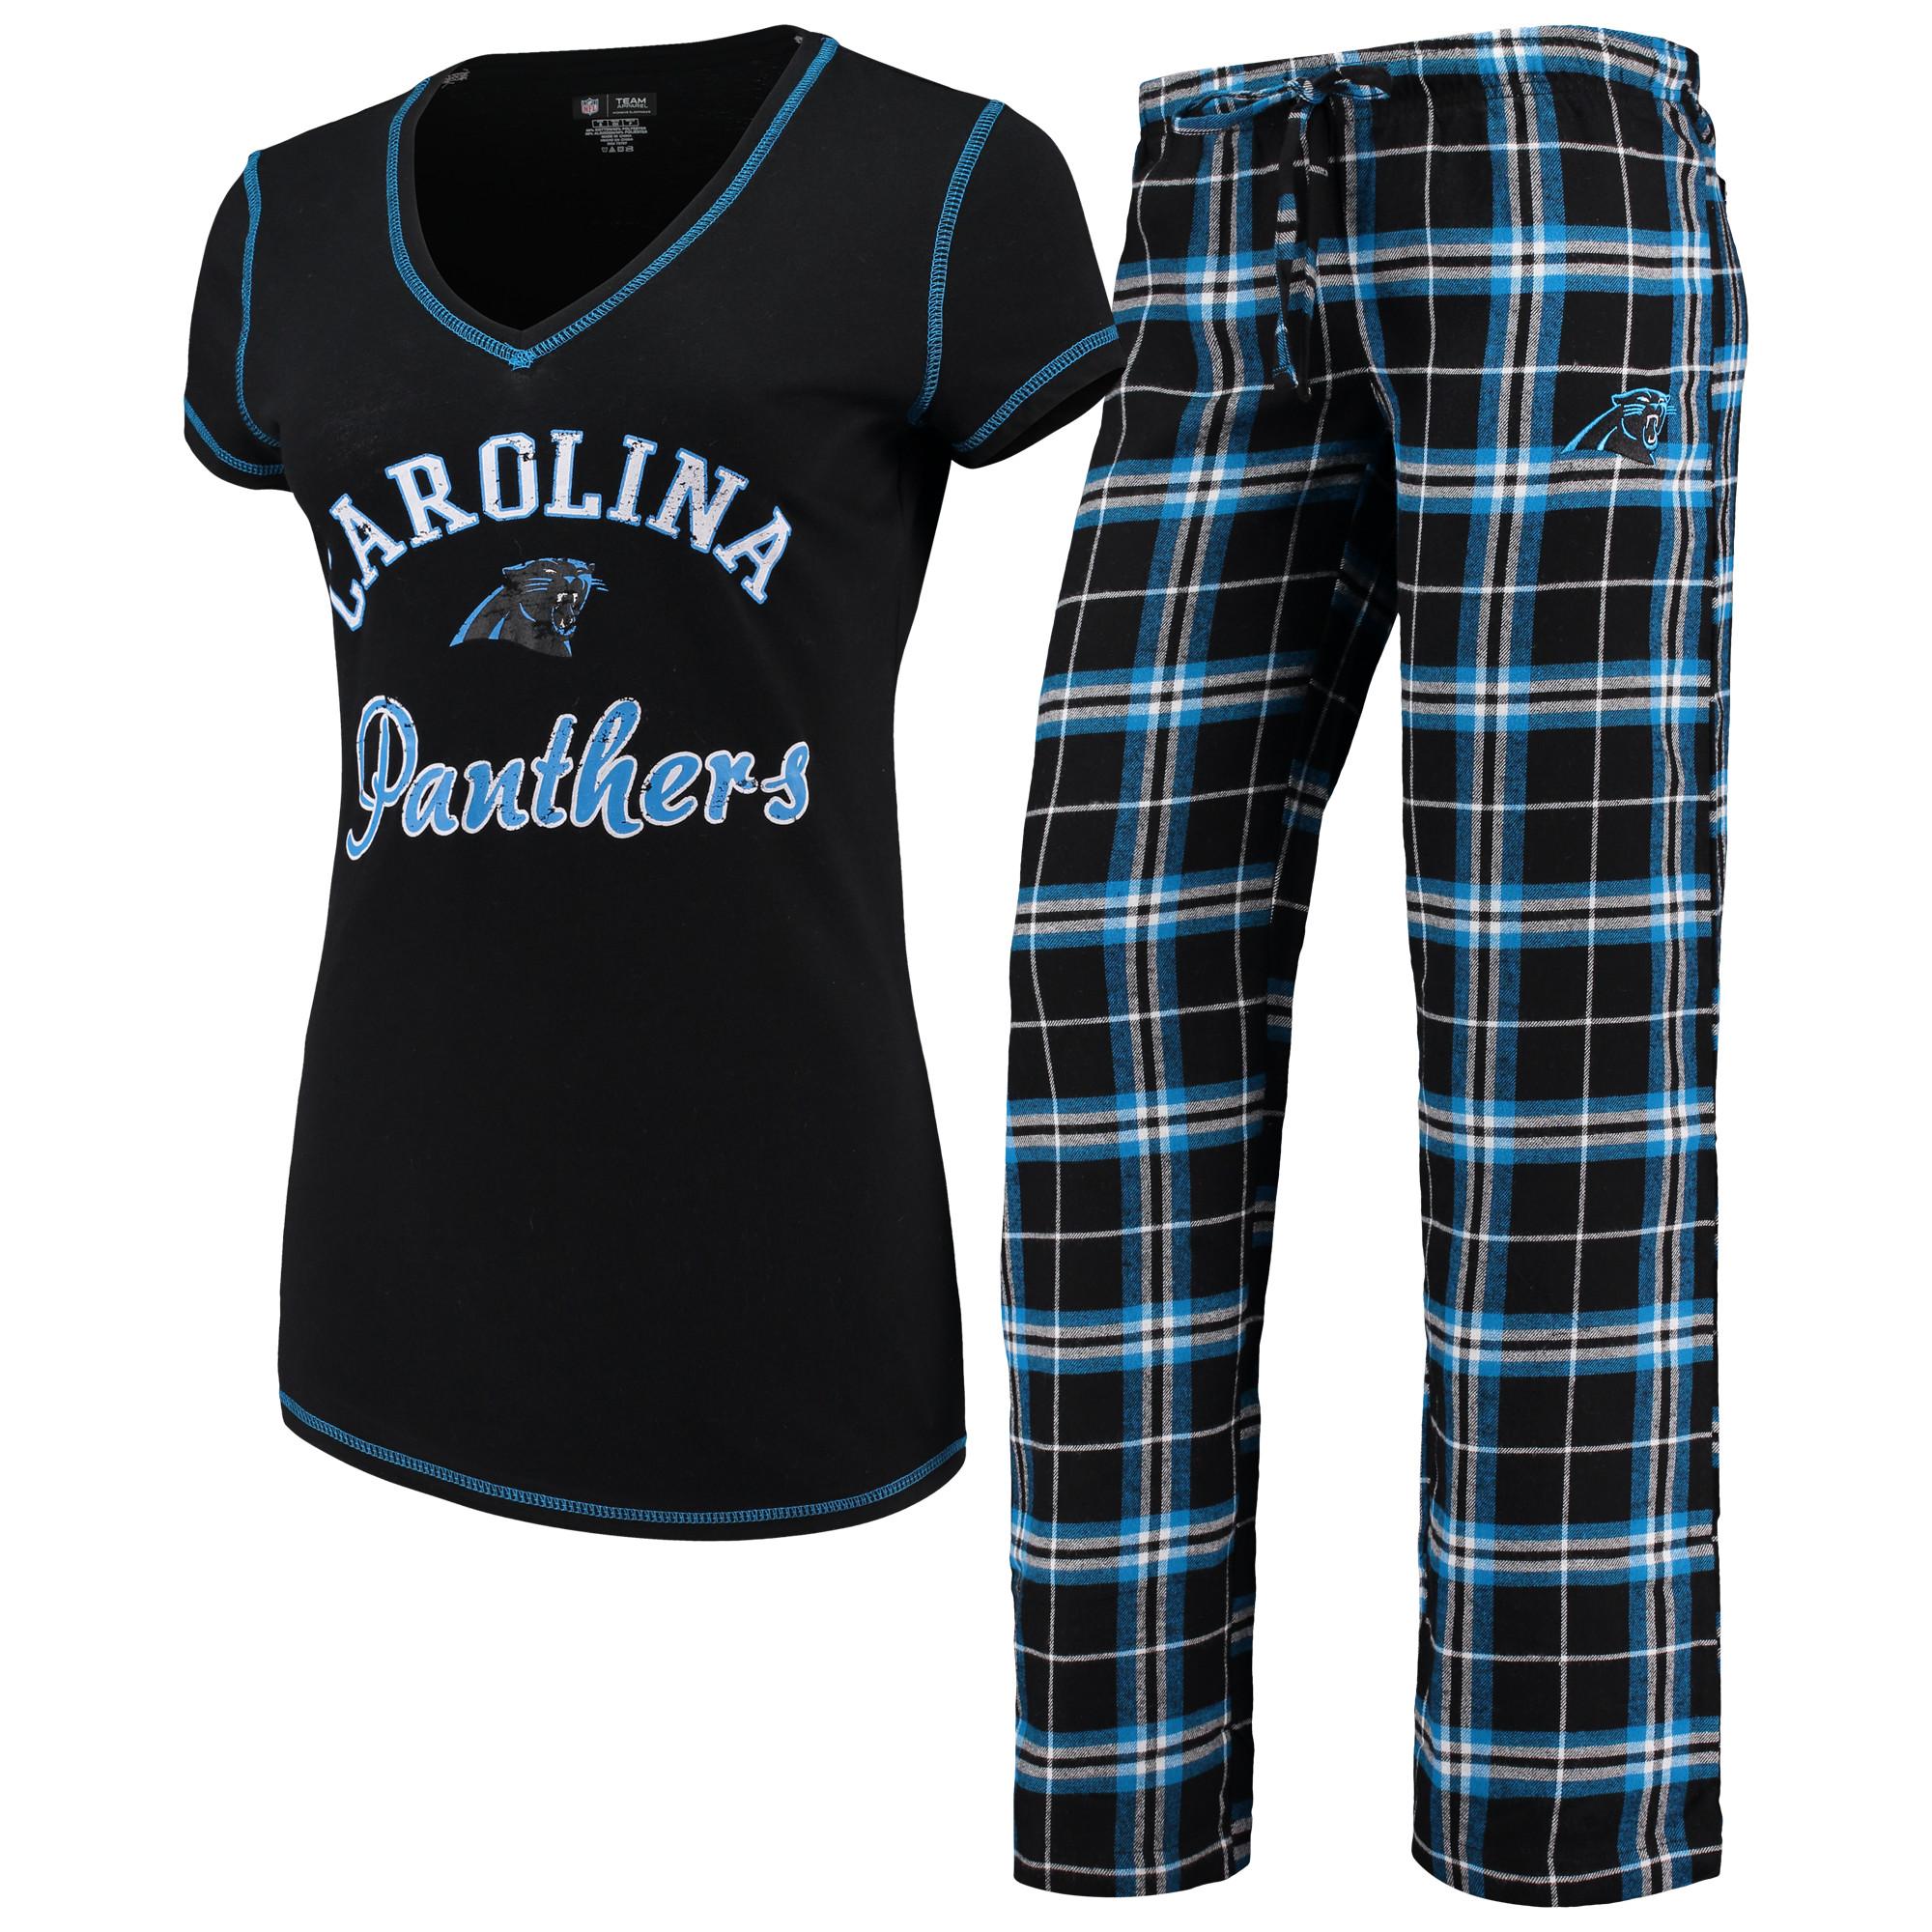 Carolina Panthers Concepts Sport Women's Duo Pants & Top Set - Black